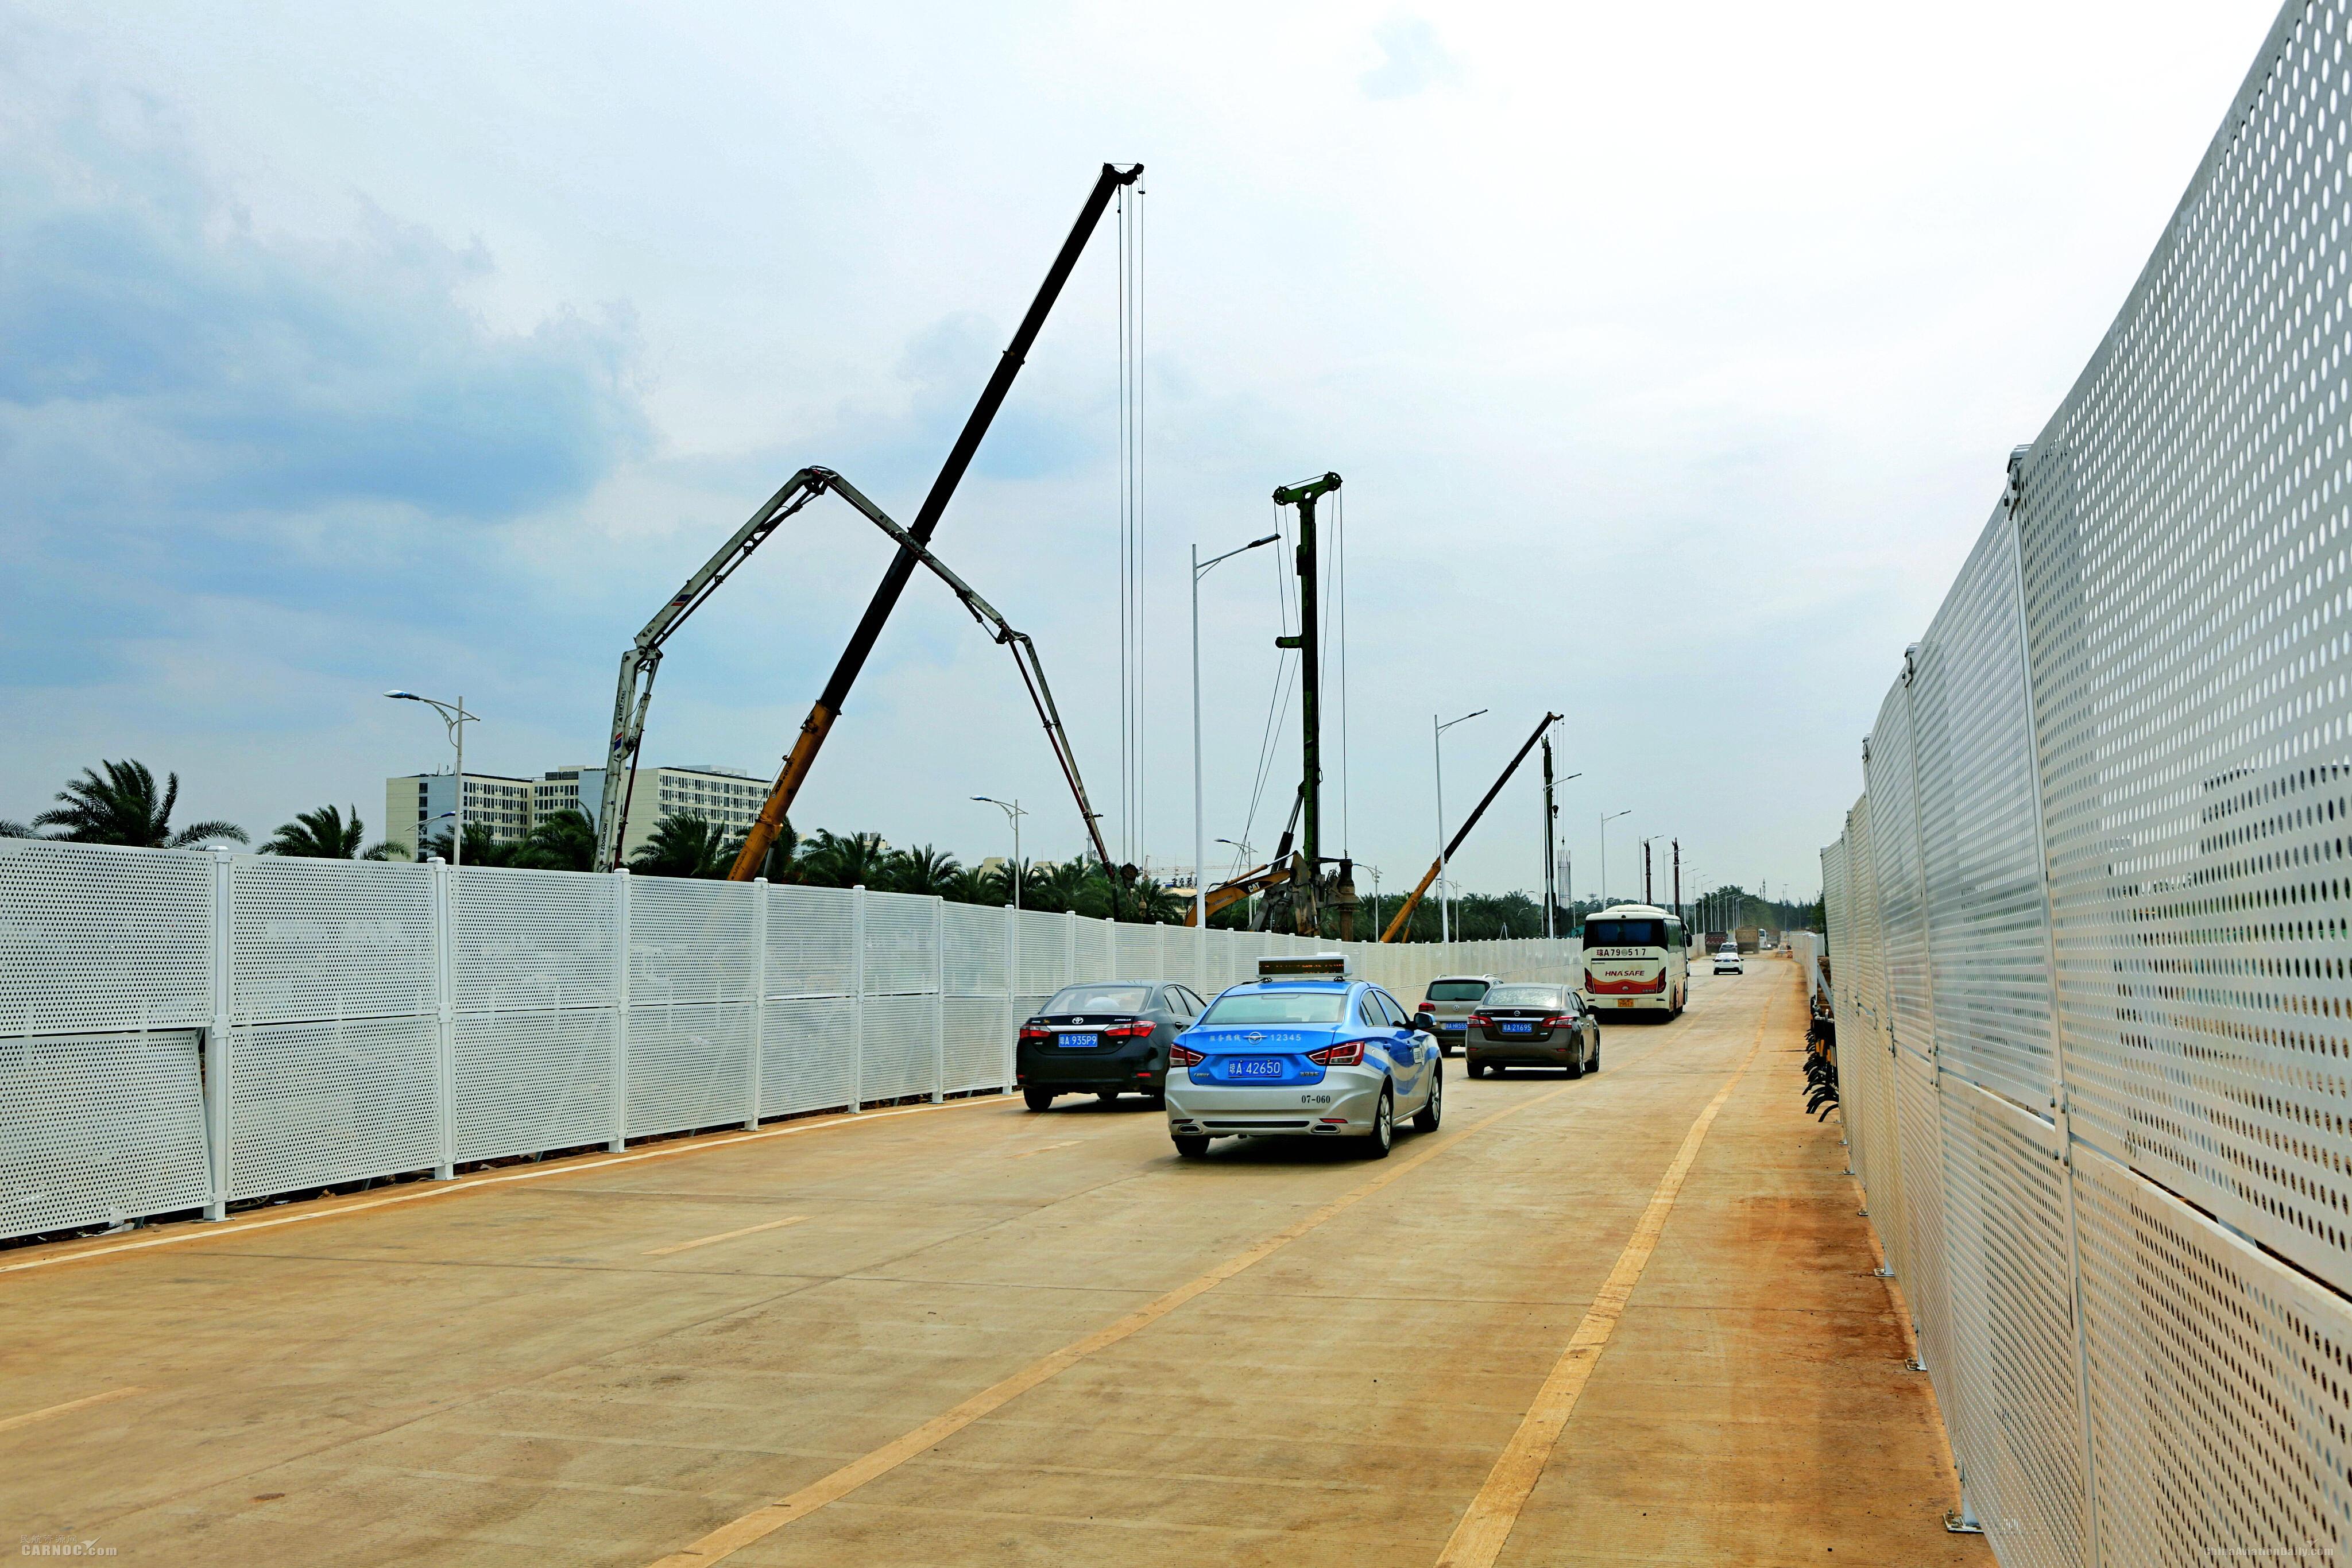 乘机旅客请注意!海口美兰机场西进场路开始封闭施工